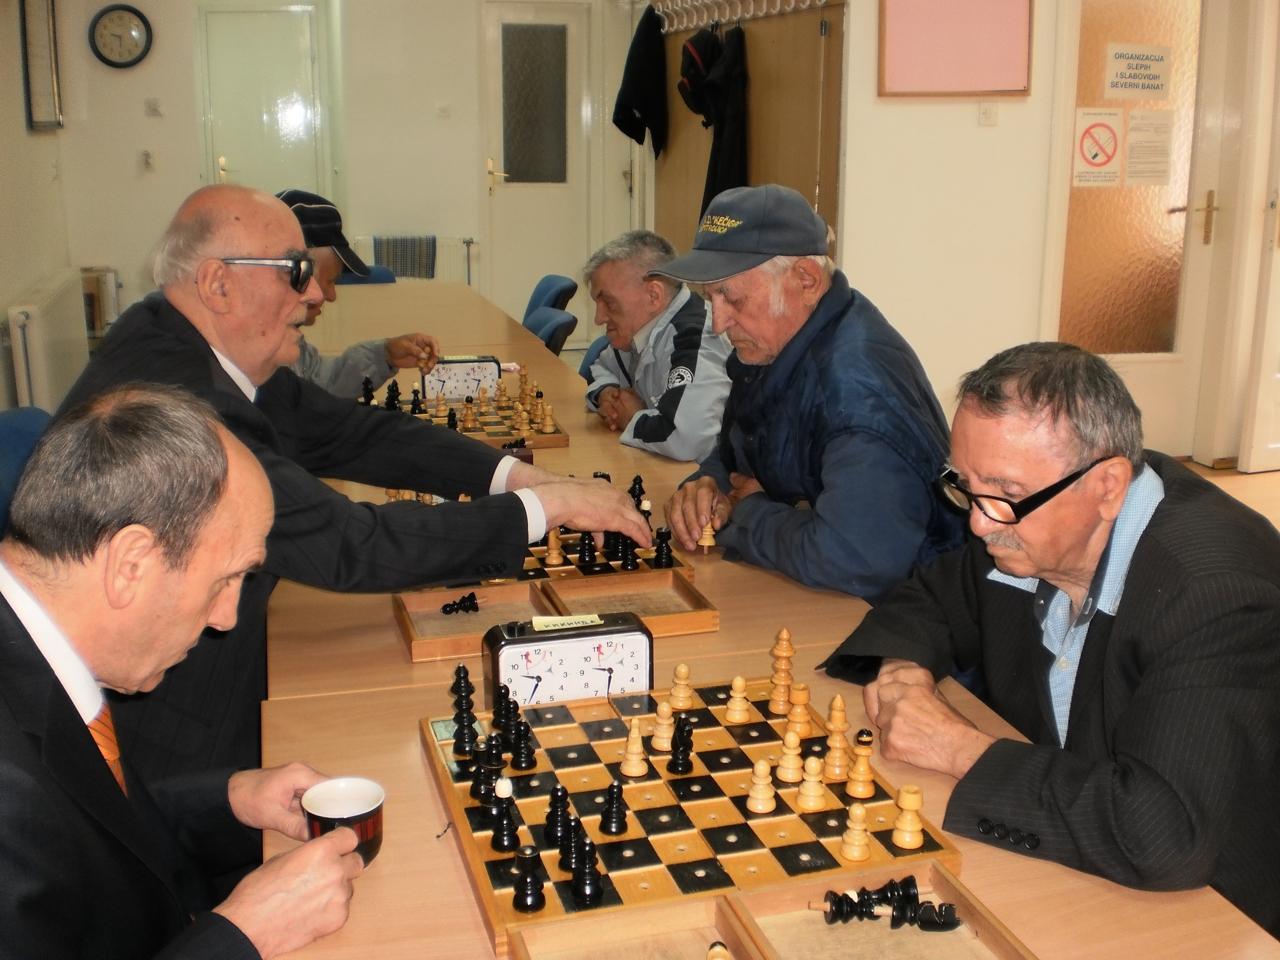 Првенство организације у шаху 2015